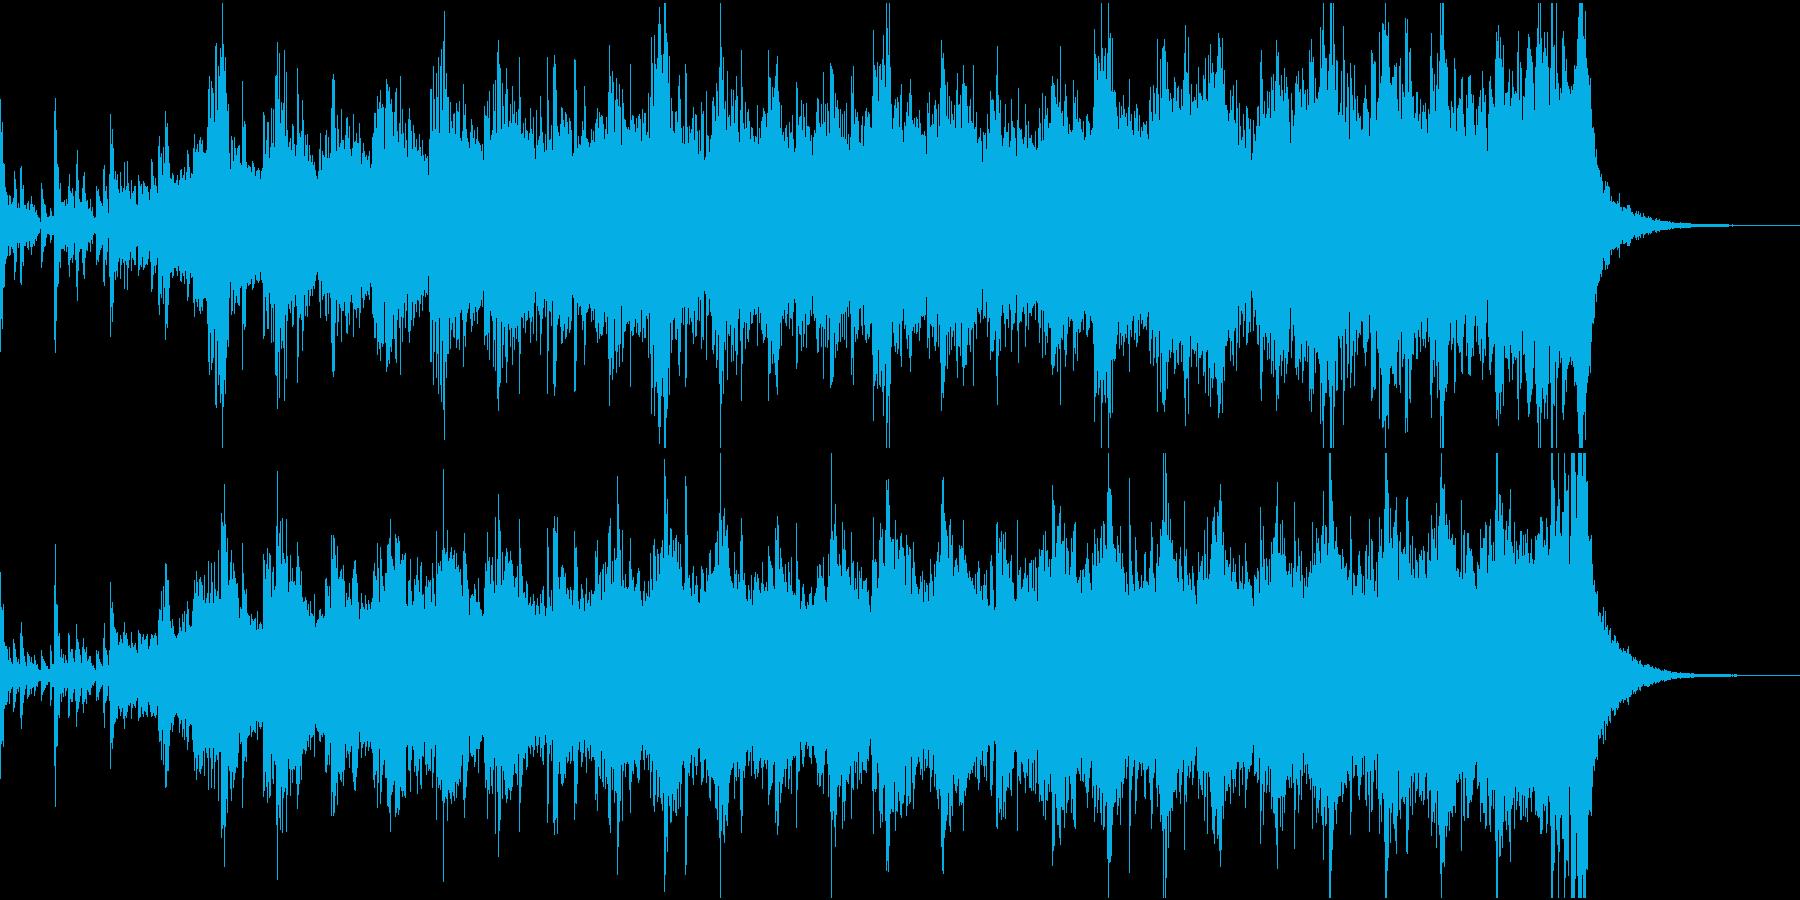 王様の大行進的なオーケストラソングの再生済みの波形